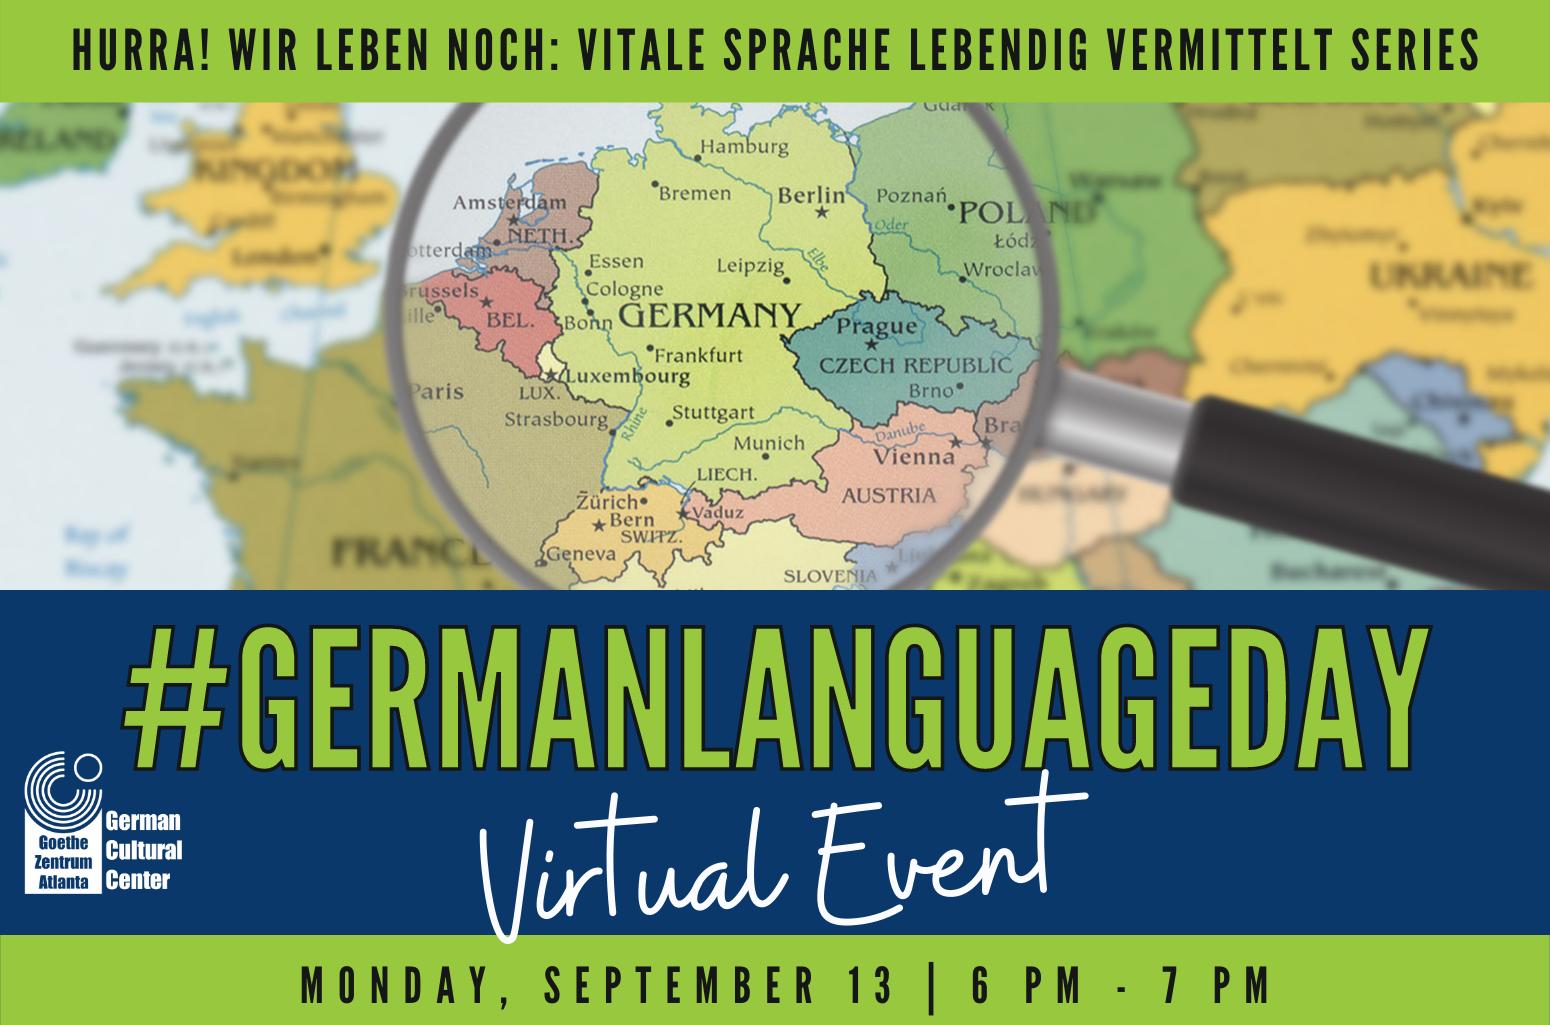 #germanlanguageday